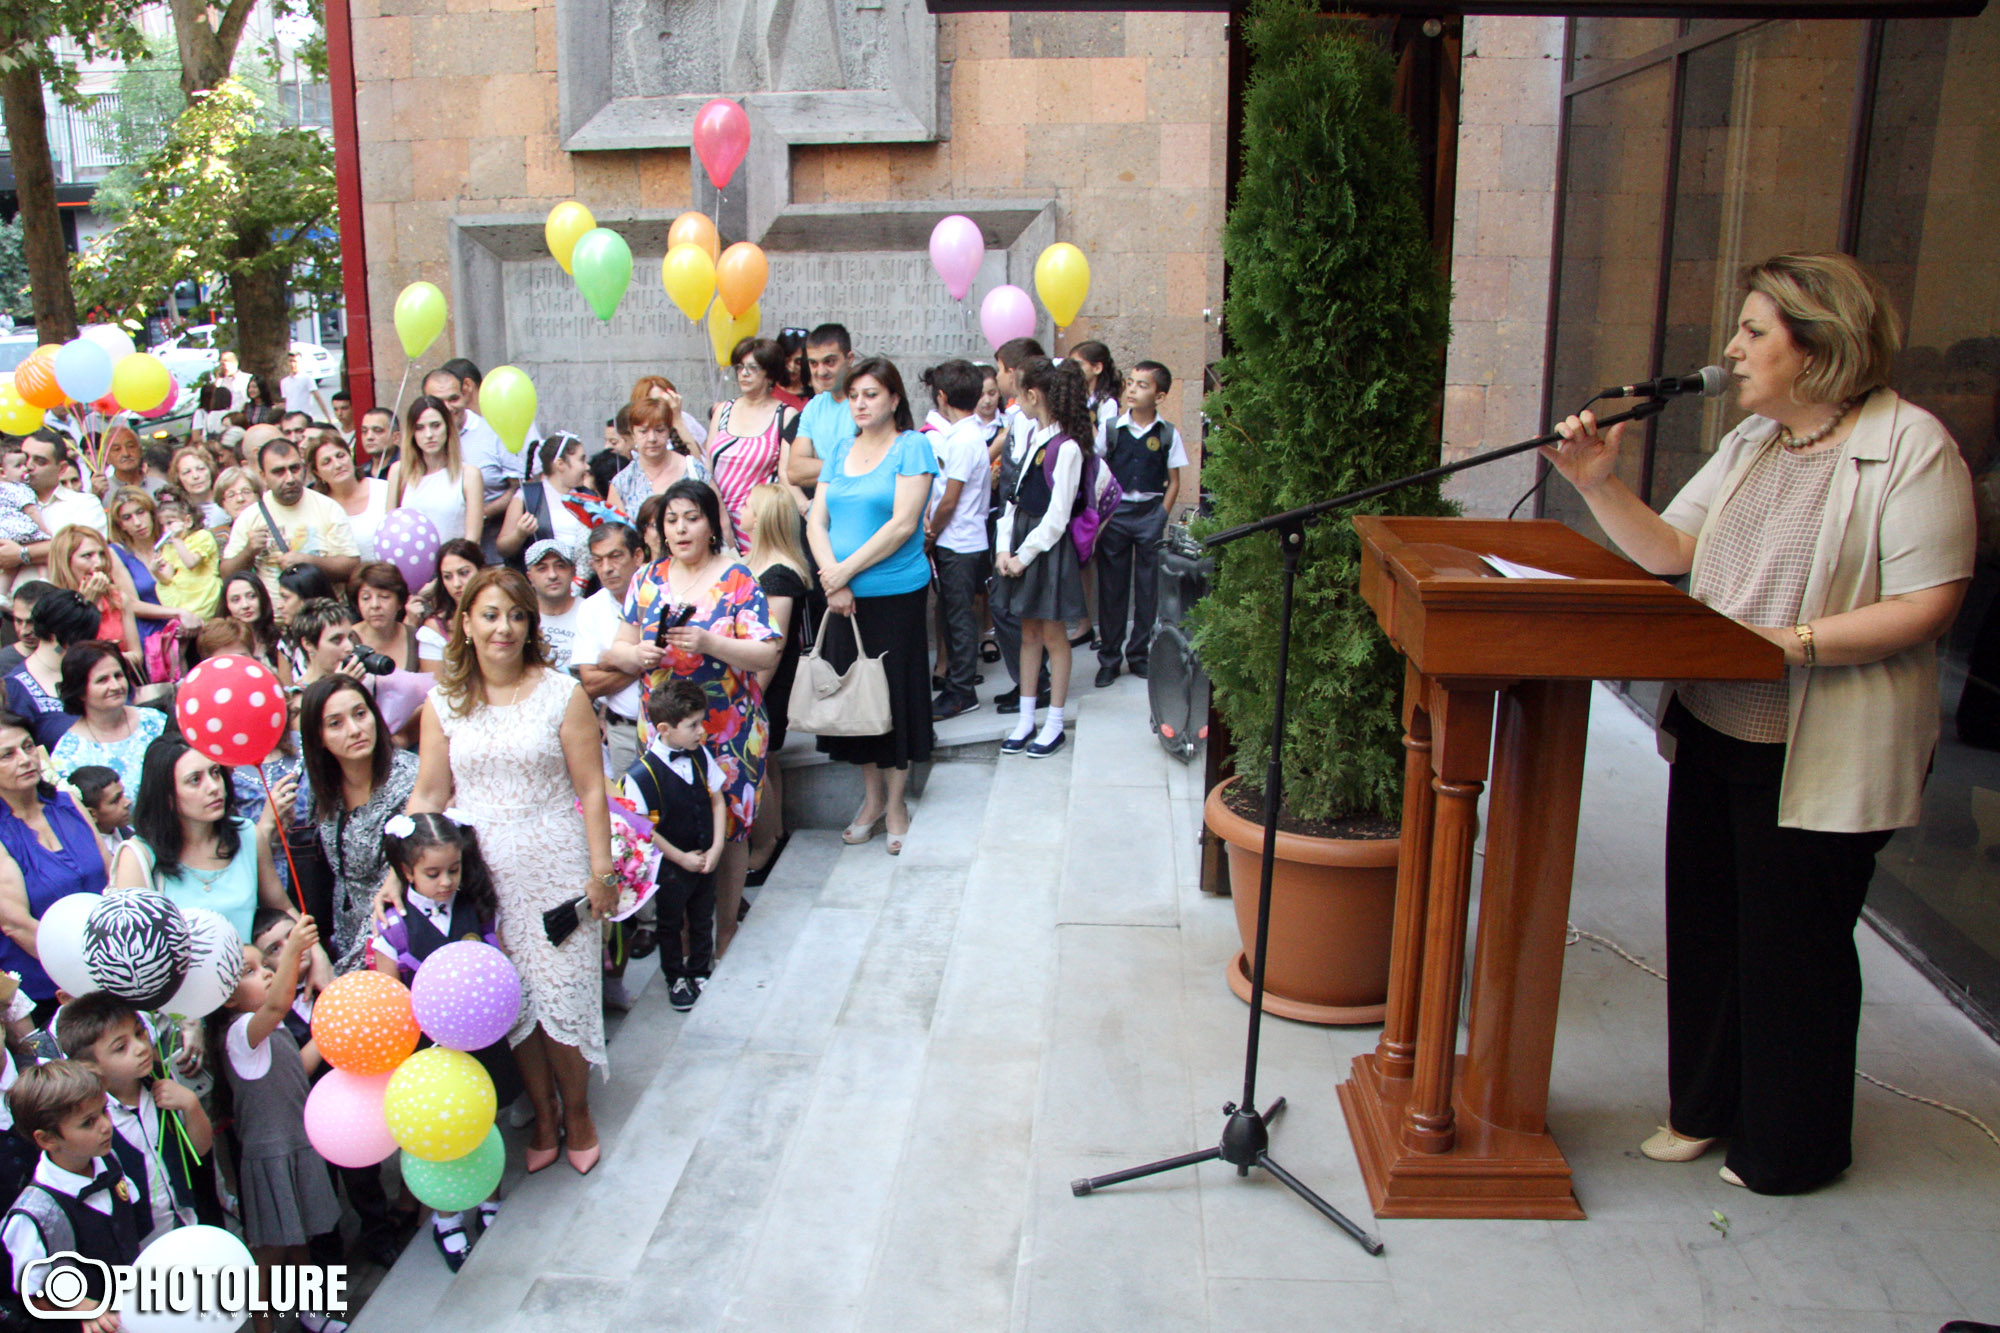 армянские поздравление первого сентября делать, чтобы восстановить